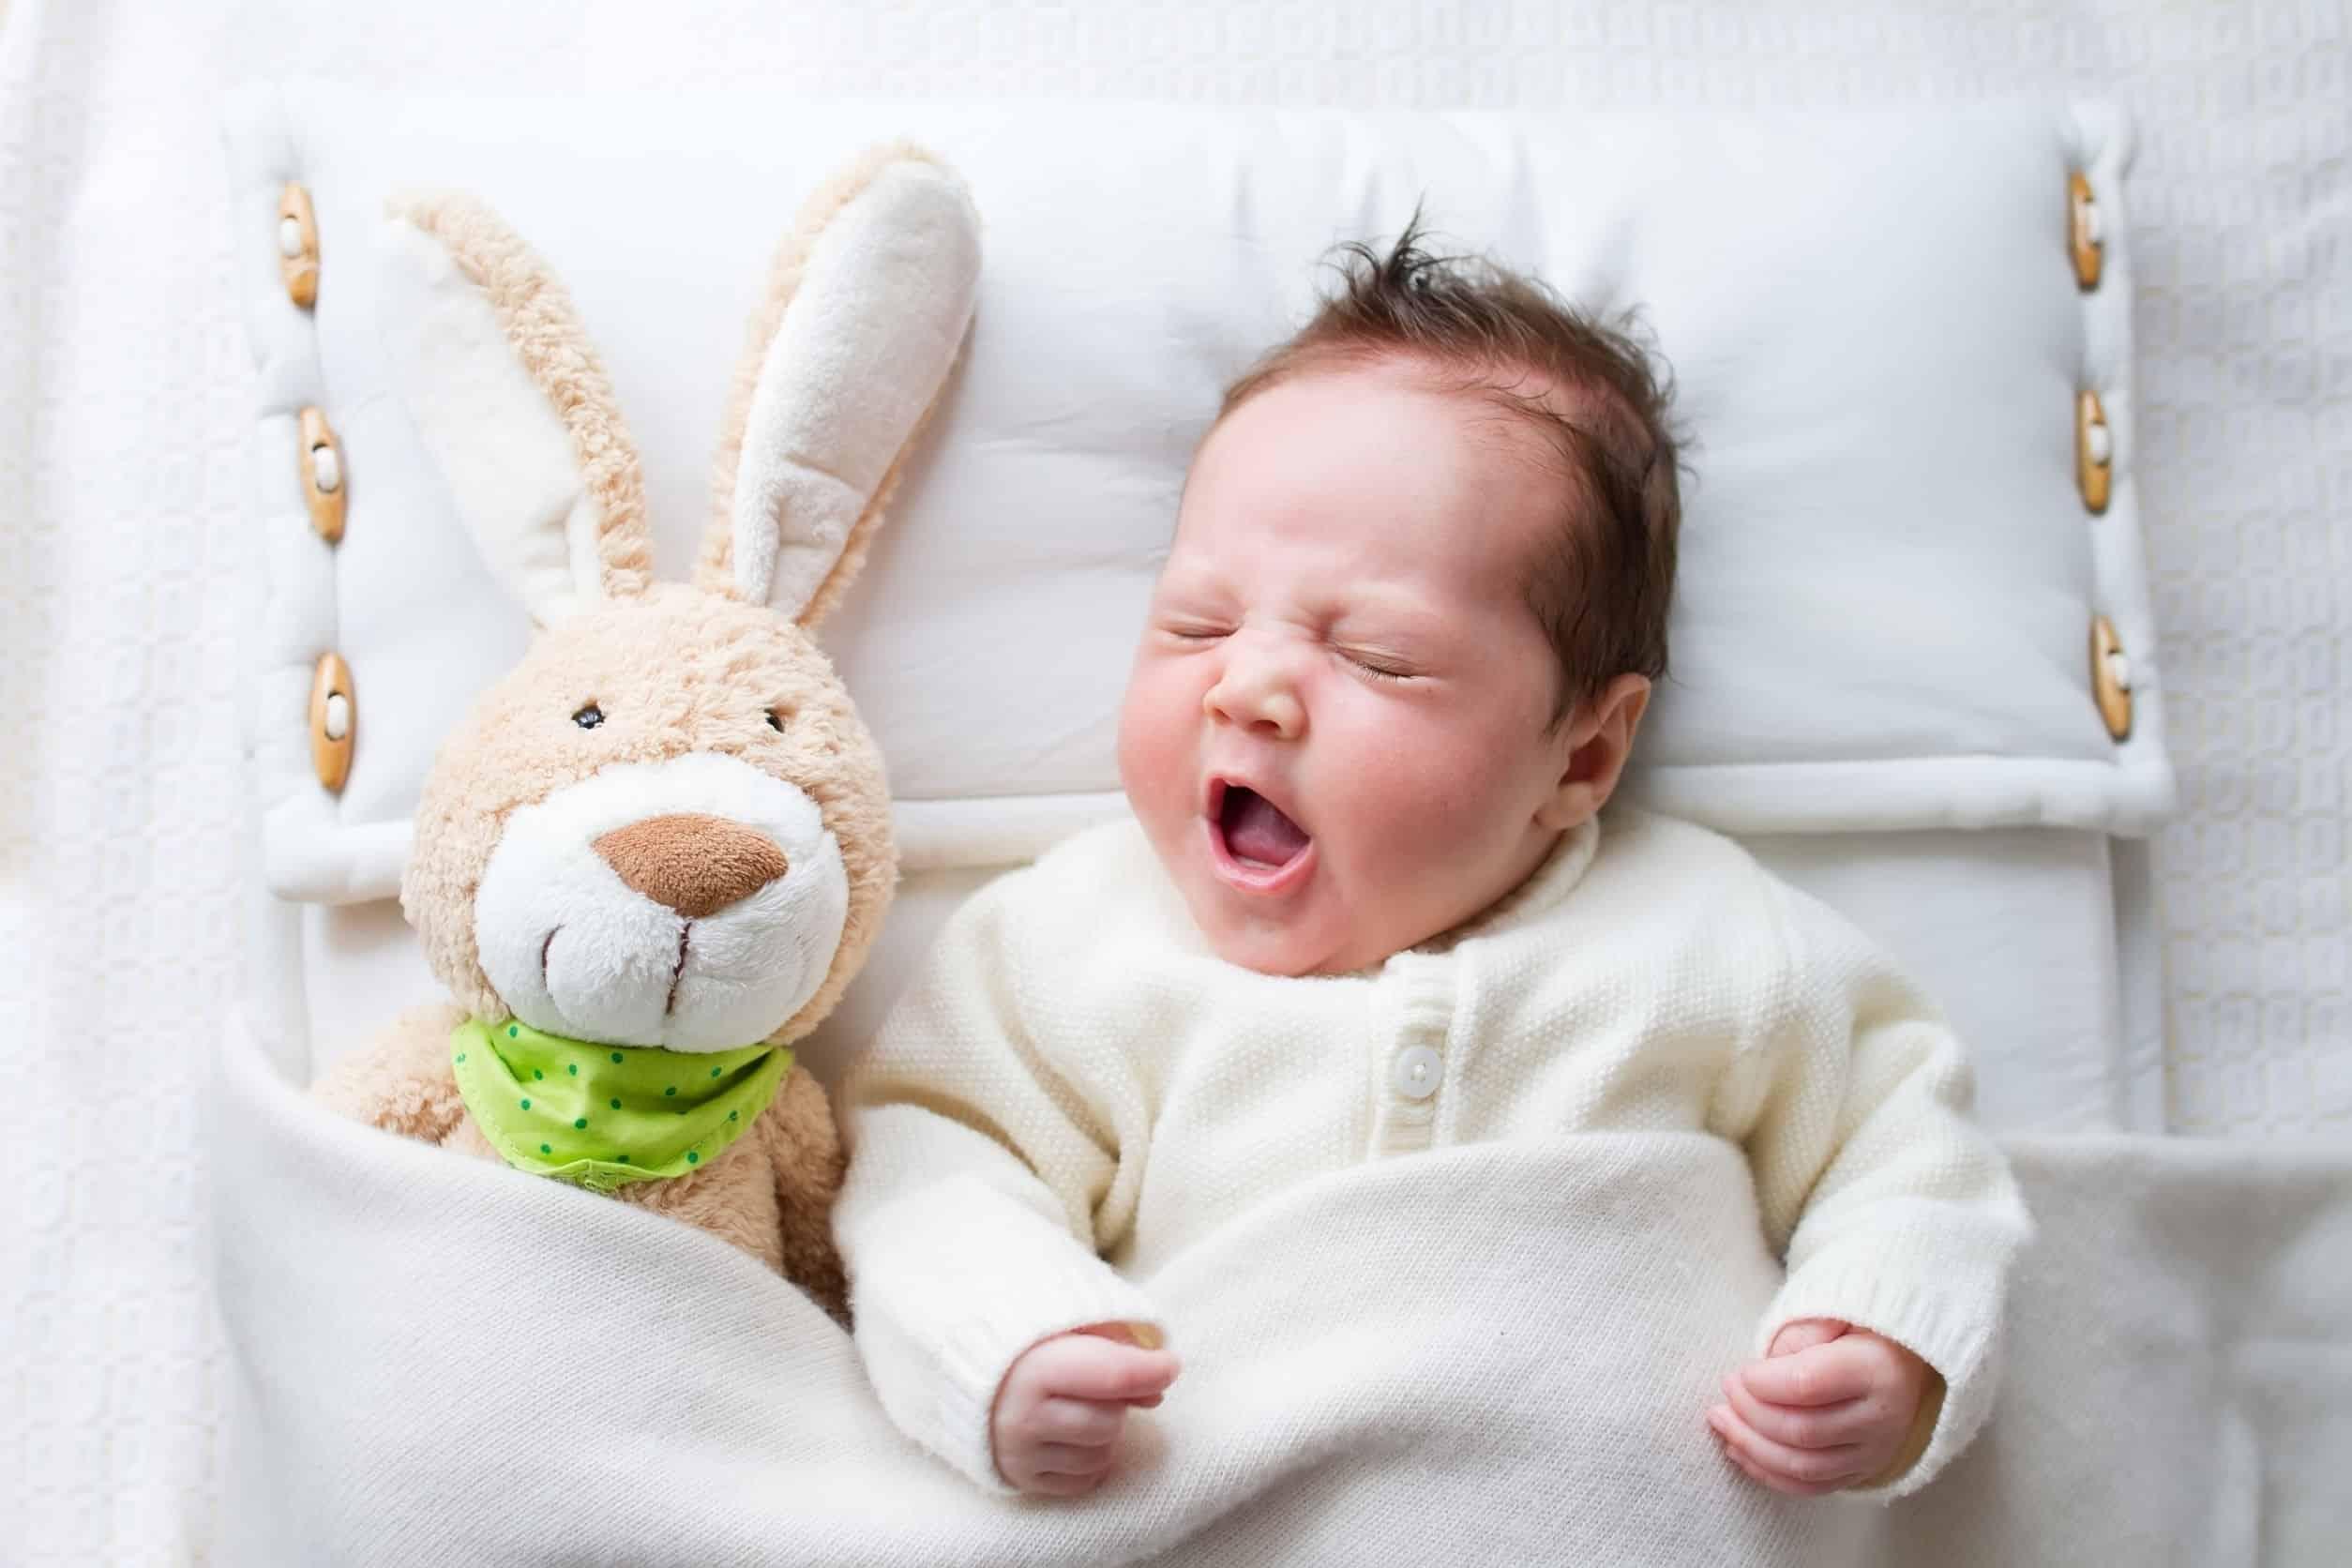 Bebê bocejando dormindo ao lado de coelhinho de pelúcia